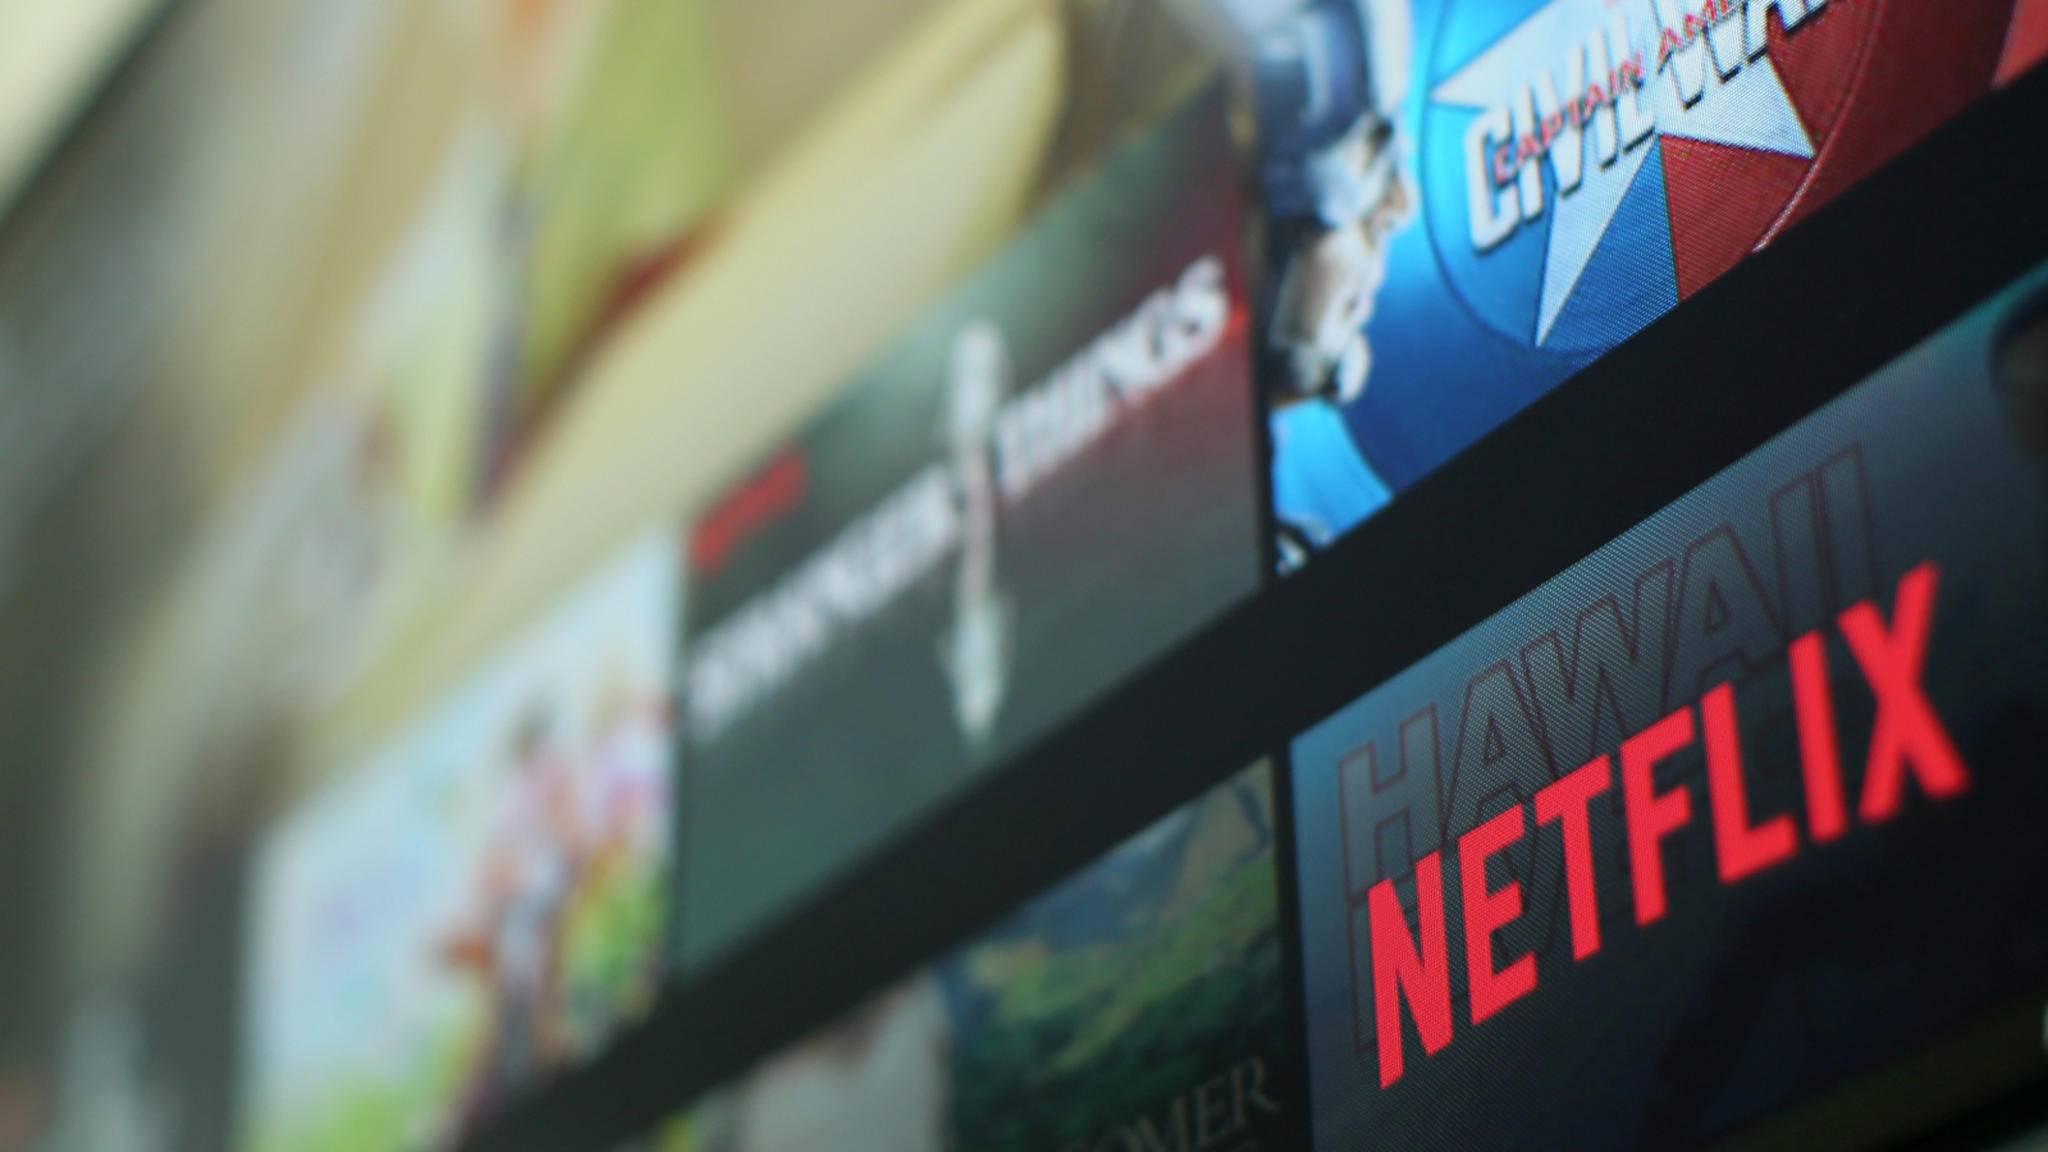 In seltenen Fällen kann die von Dir gewählte Zahlungsart bei Netflix Probleme bereiten – wir sagen Dir, was Du tun kannst.